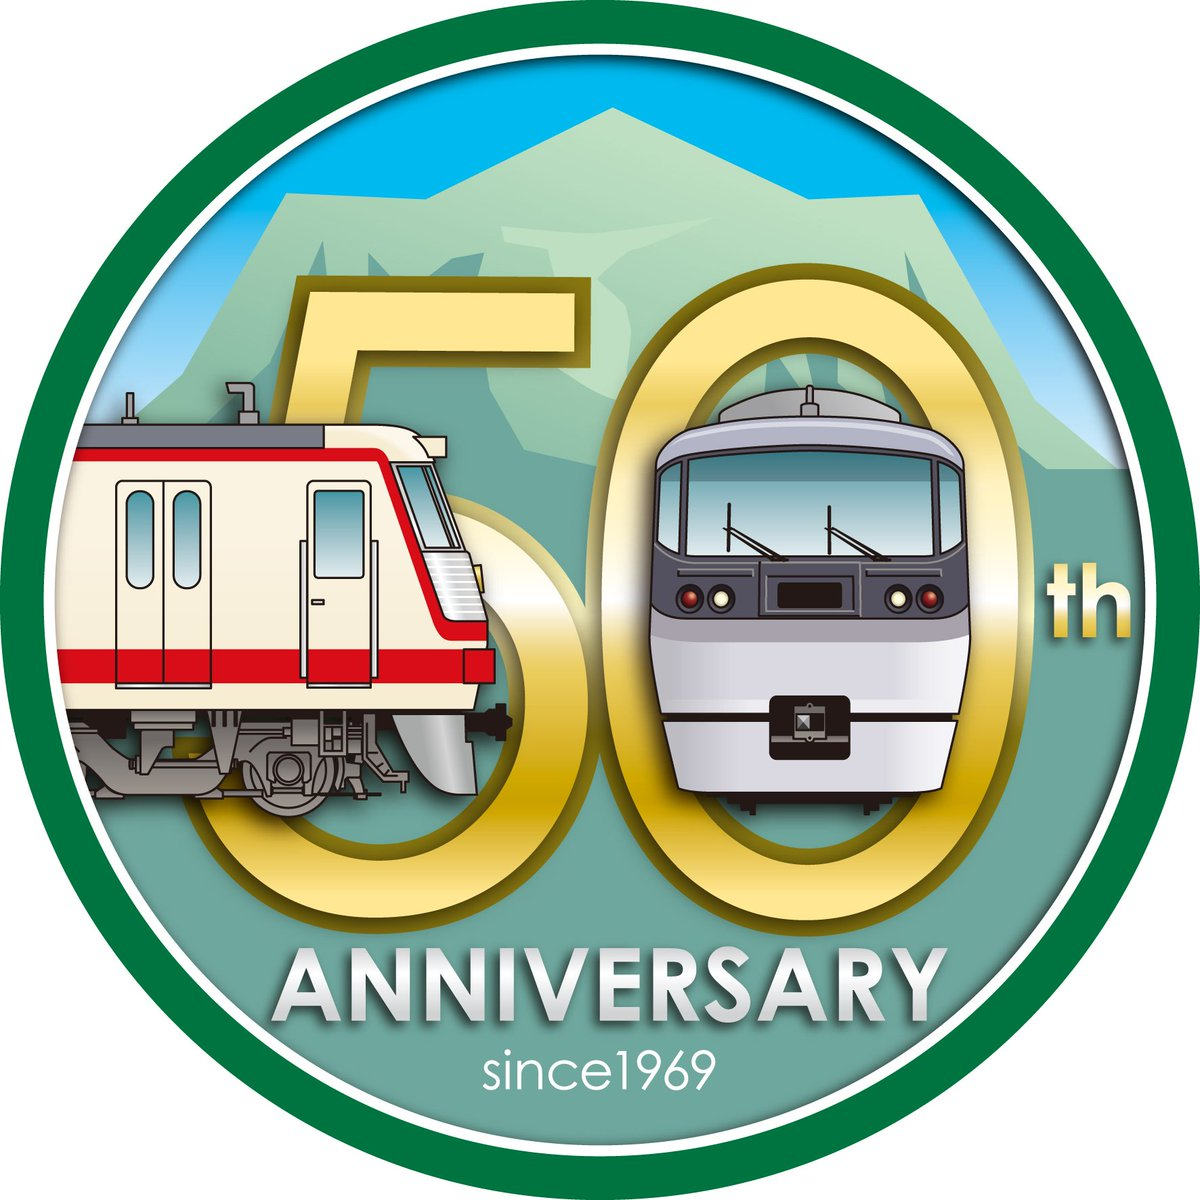 / おかげさまで西武秩父線は開通50周年 \  7/14~ #西武秩父線開通50周年 記念キャンペーンを実施🚞 プラレールコラボや記念乗車券の発売など様々な企画を予定しています。 こちらのアカウントで新着情報をお知らせしていきます❗️ ぜひチェックしてください😊  #西武鉄道  #秩父 #ちちんぶいぶい秩父 https://t.co/9jl1vbSn10